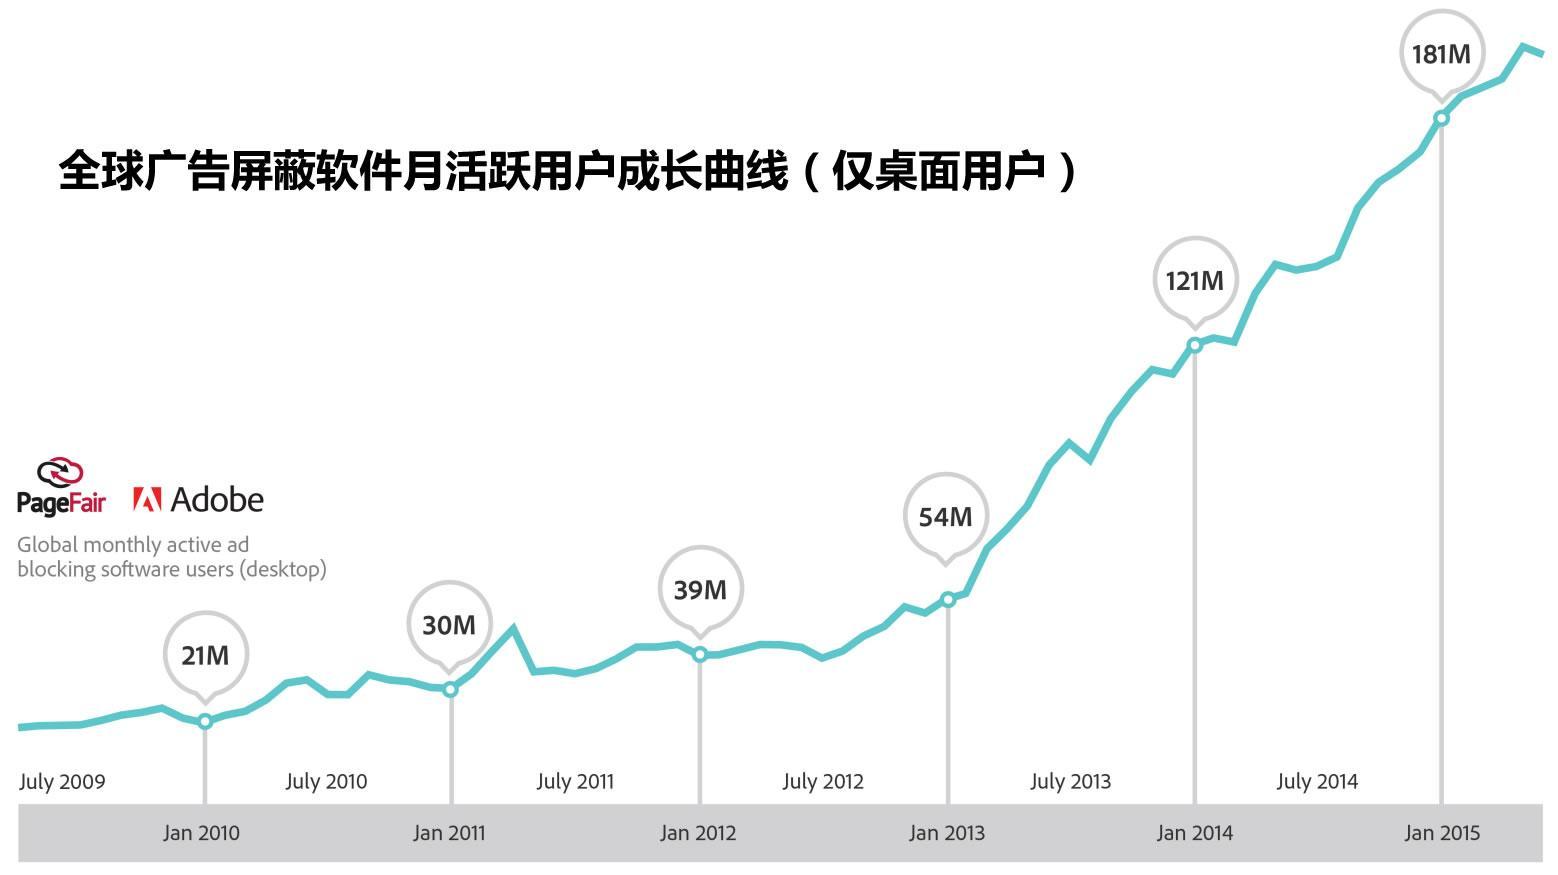 全球广告屏蔽软件月活跃用户成长曲线(仅桌面用户)